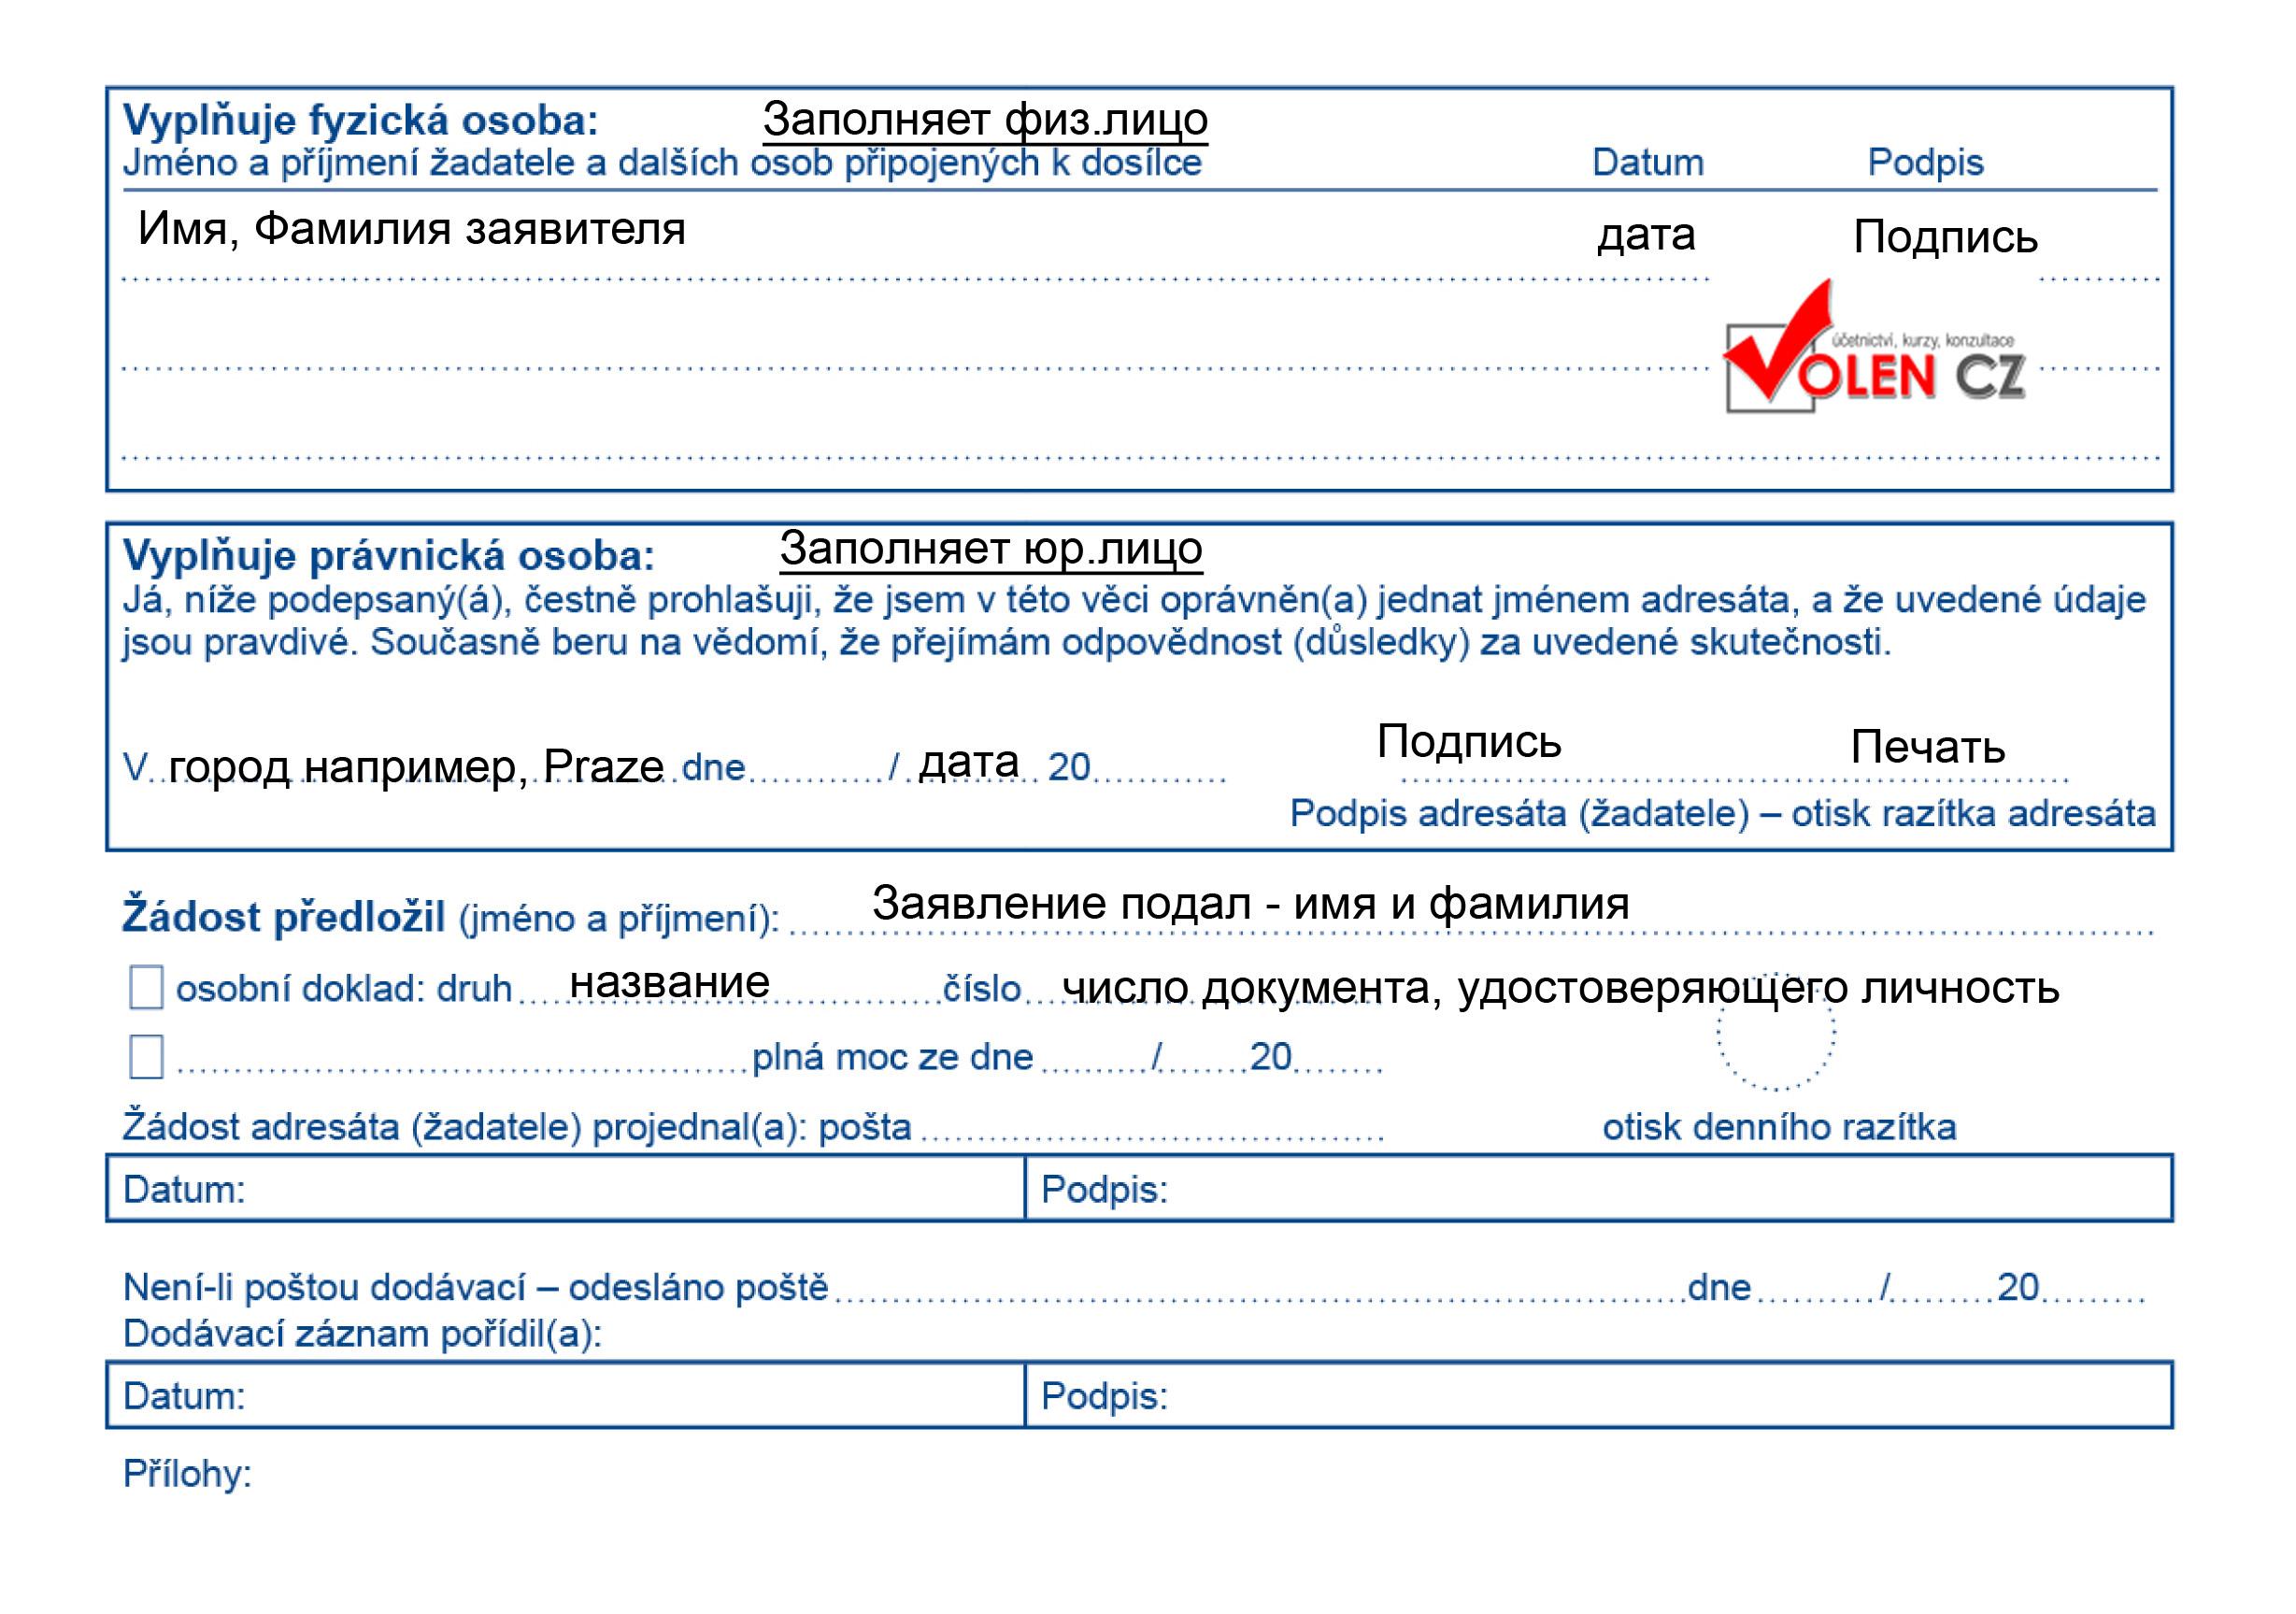 Форум - Авто в Чехии - какие налоги? - Форум: Жизнь в Чехии